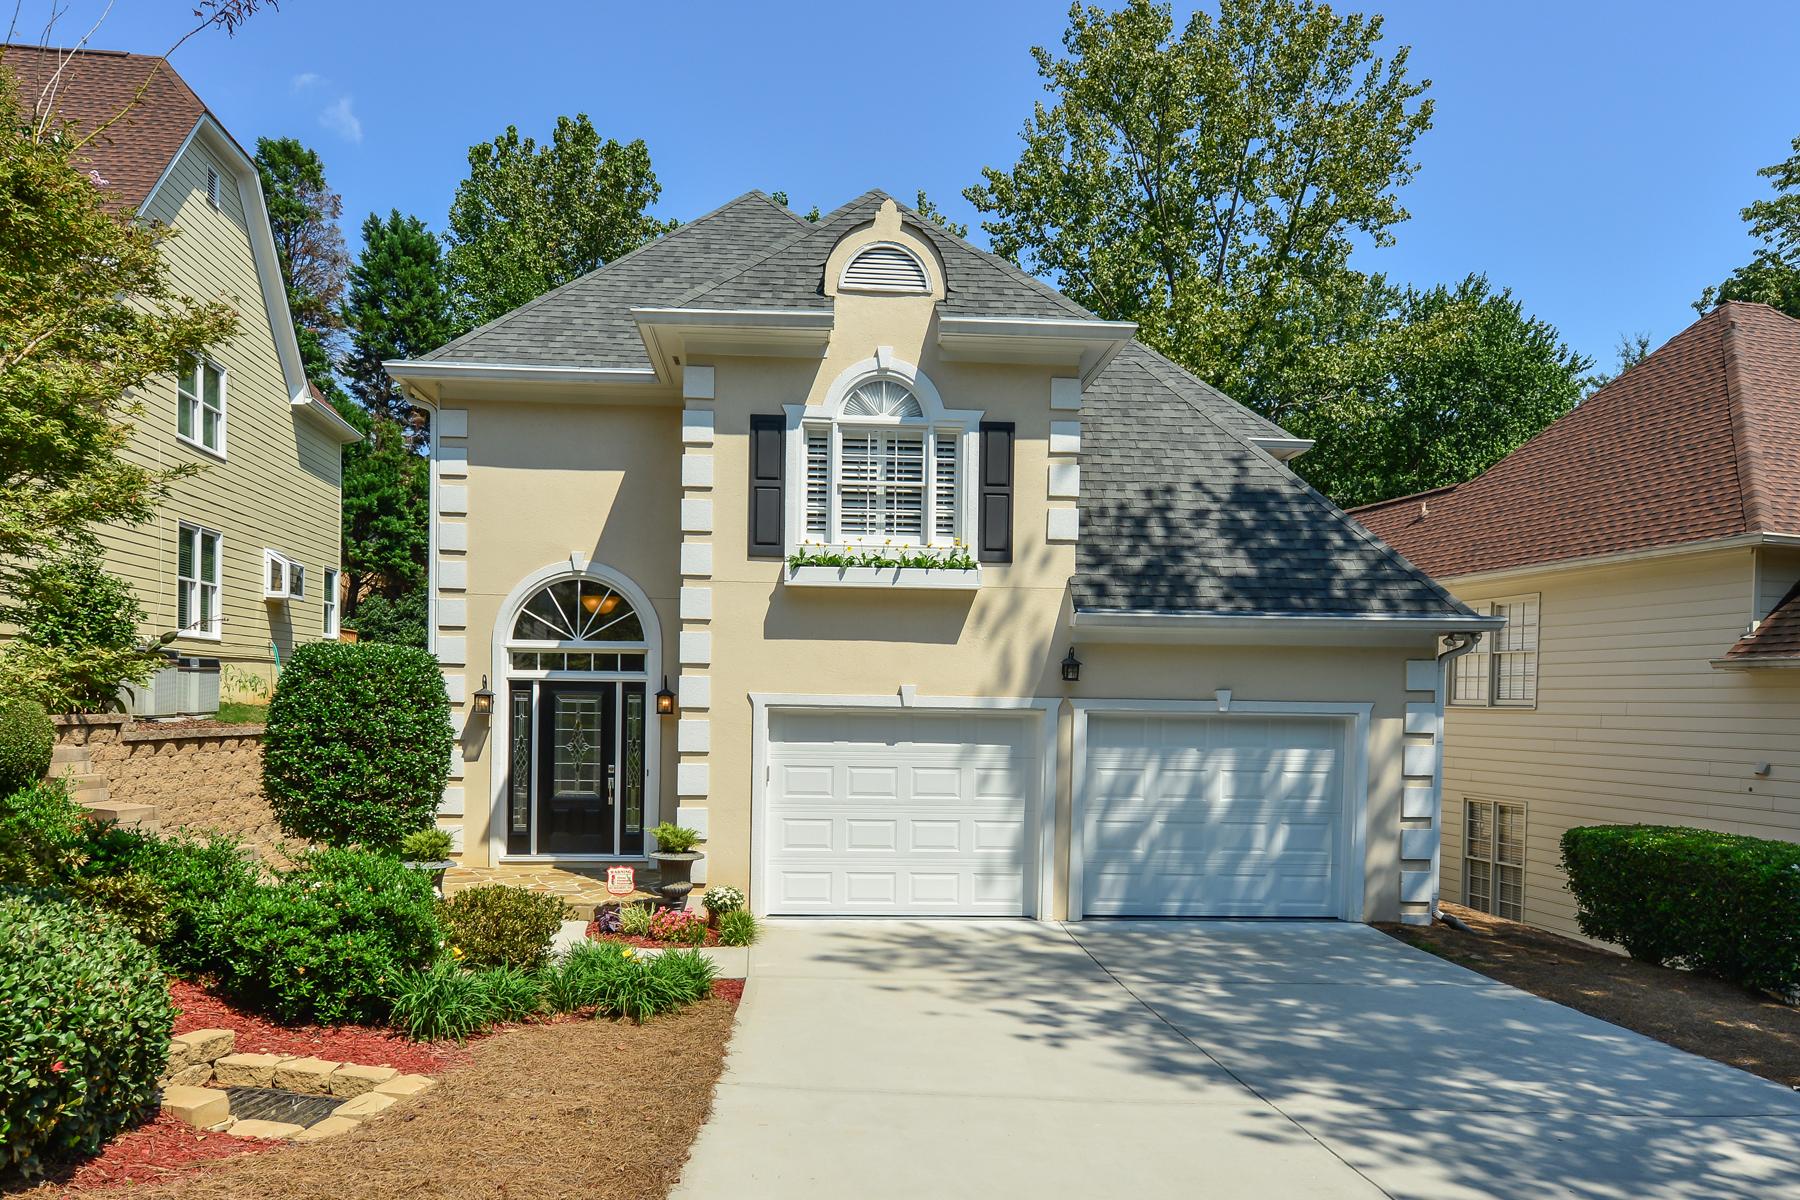 一戸建て のために 売買 アット Storybook Home In Pine Hills 1056 Shady Valley Place Pine Hills, Atlanta, ジョージア, 30324 アメリカ合衆国